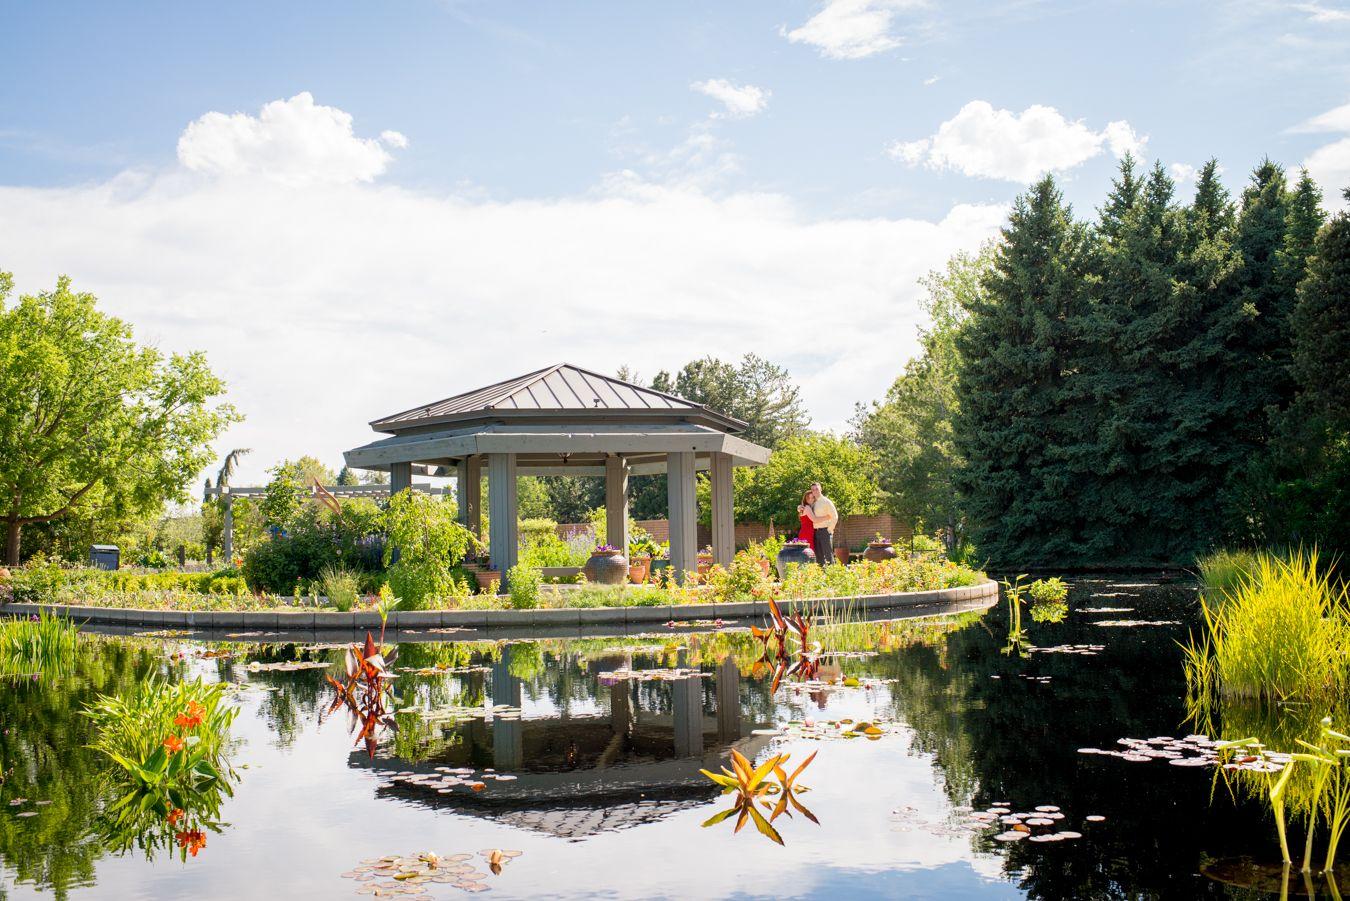 611db9b3fdf203f3b14f78cb8520e096 - Denver Botanic Gardens Plains Conservation Center